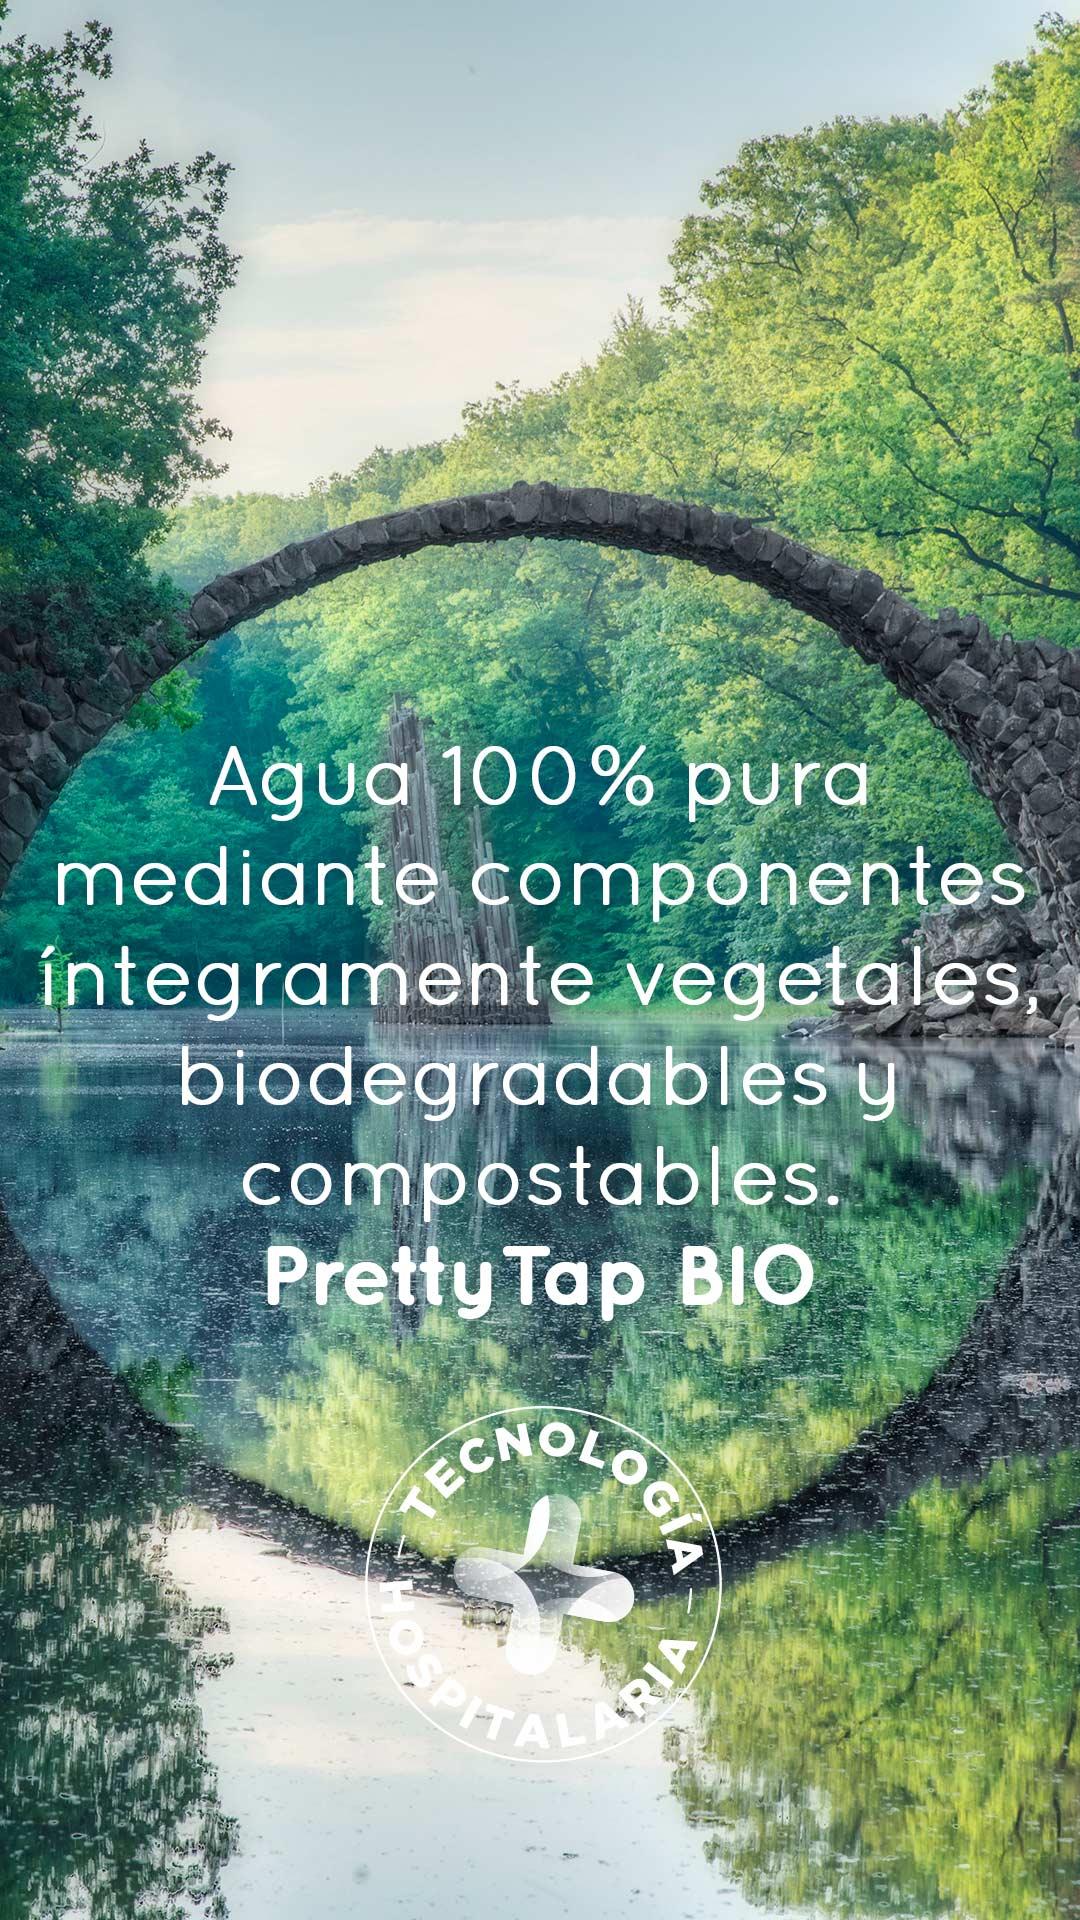 prettywater-filtros-cocina-inicio-movil-slide4-b